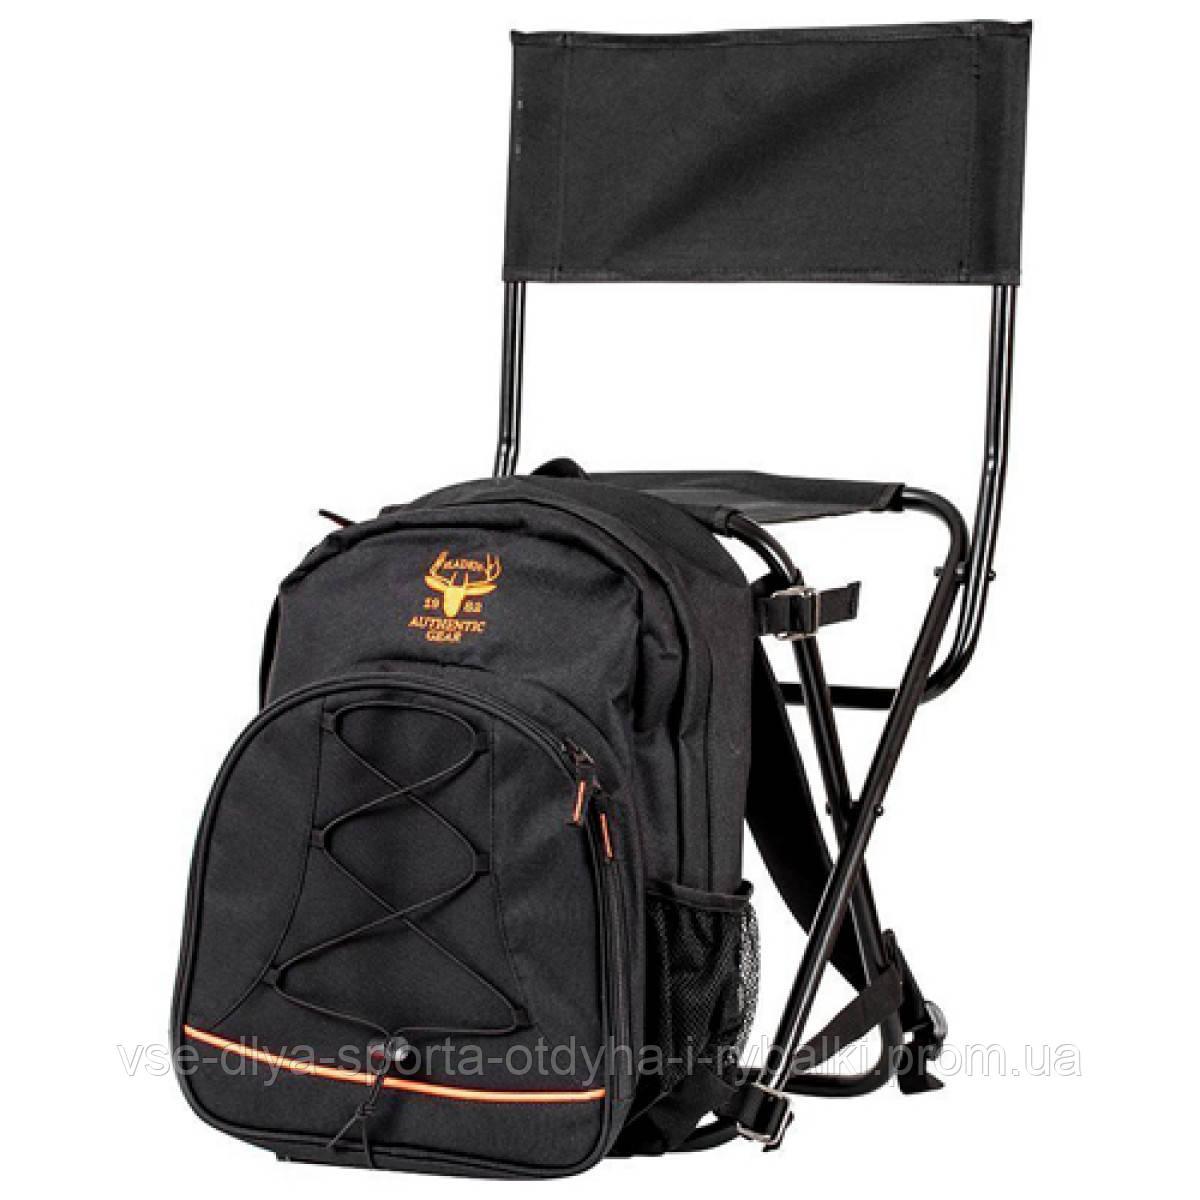 Стул-рюкзак cо спинкой Fladen Backpack Authentic Gear